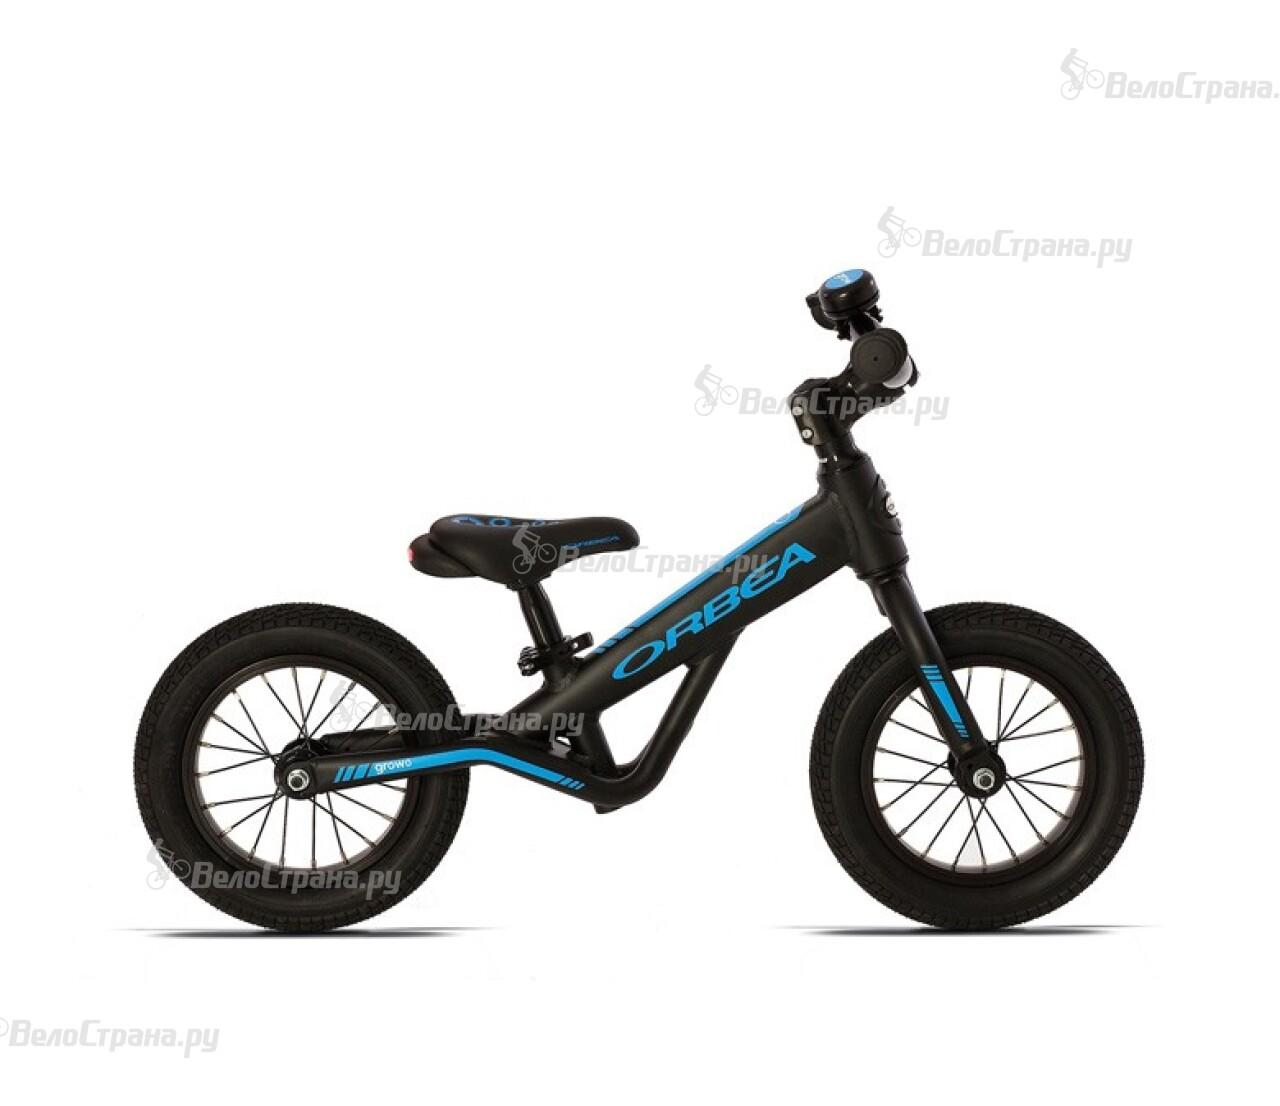 Велосипед Orbea Grow 0 (2013)